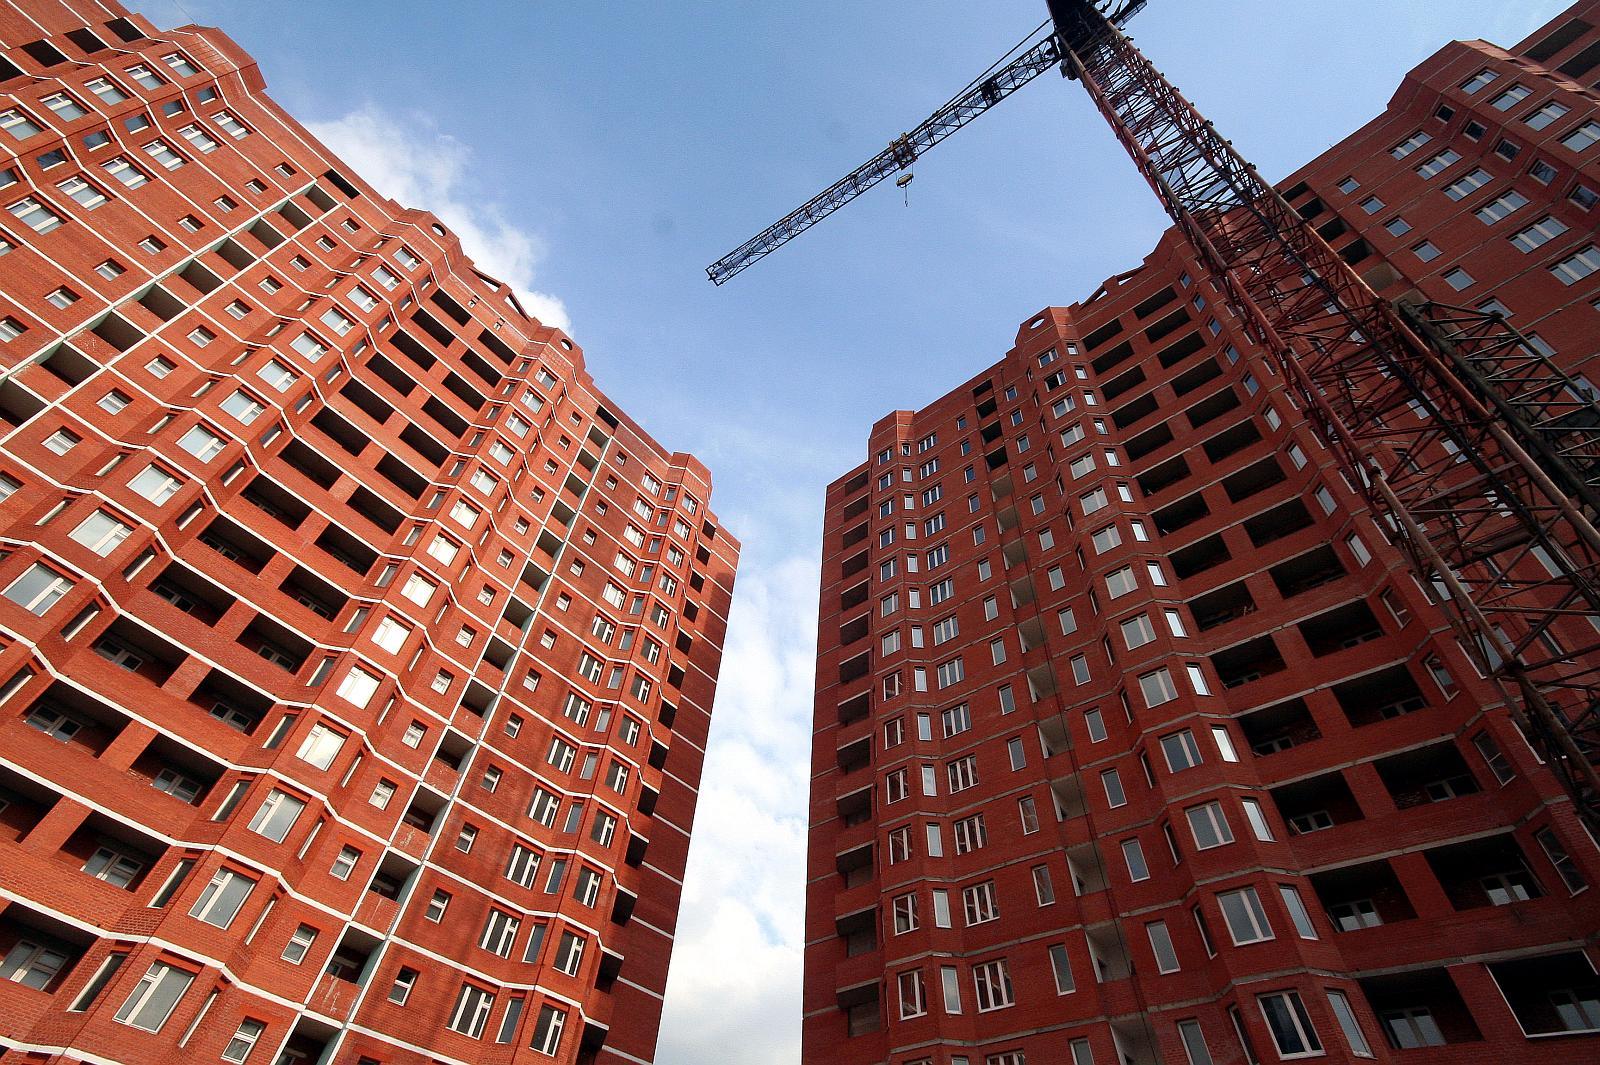 Объемы строительства в РФ могут сократиться вдвое в ближайшие 6 лет